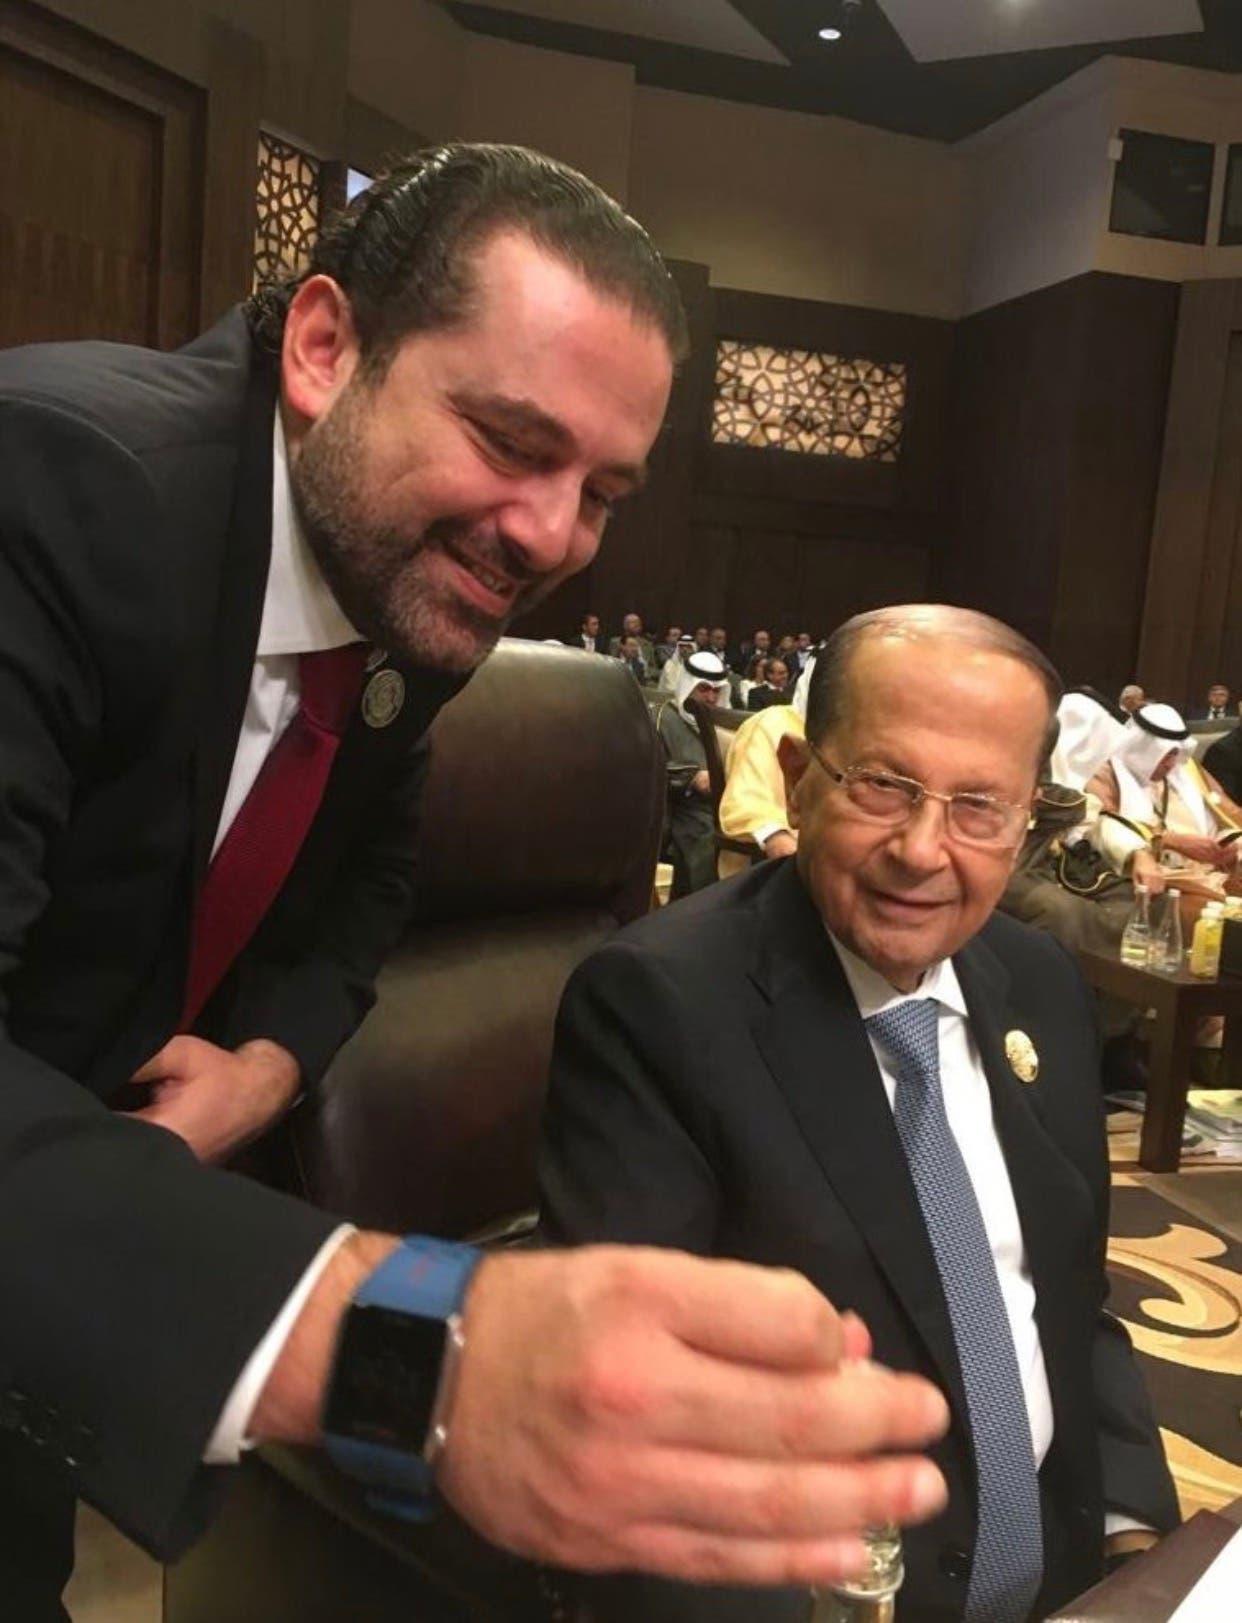 سقوط الرئيس اللبنانى أرضا أثناء التقاط صورة تذكارية لقادة القمة العربية